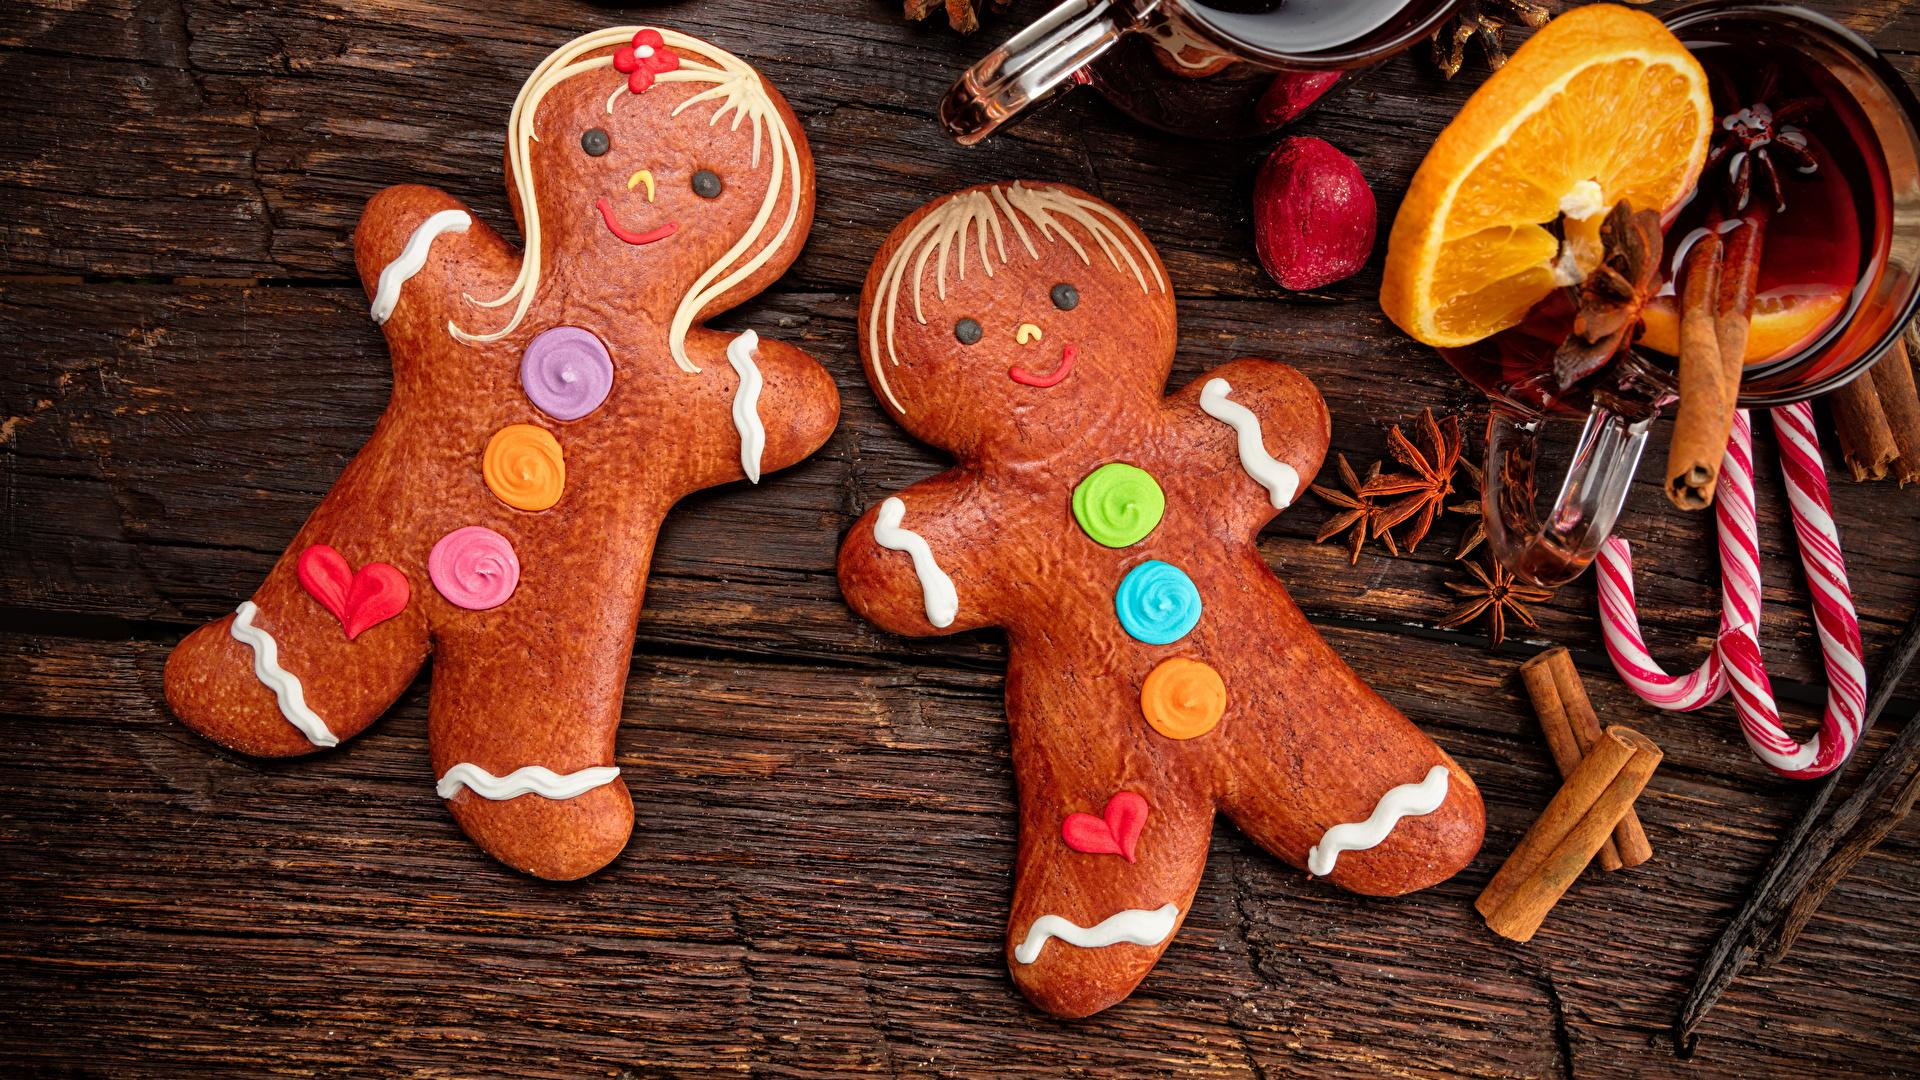 Фото Рождество Бадьян звезда аниса Корица Еда Печенье сладкая еда дизайна 1920x1080 Новый год Пища Продукты питания Сладости Дизайн